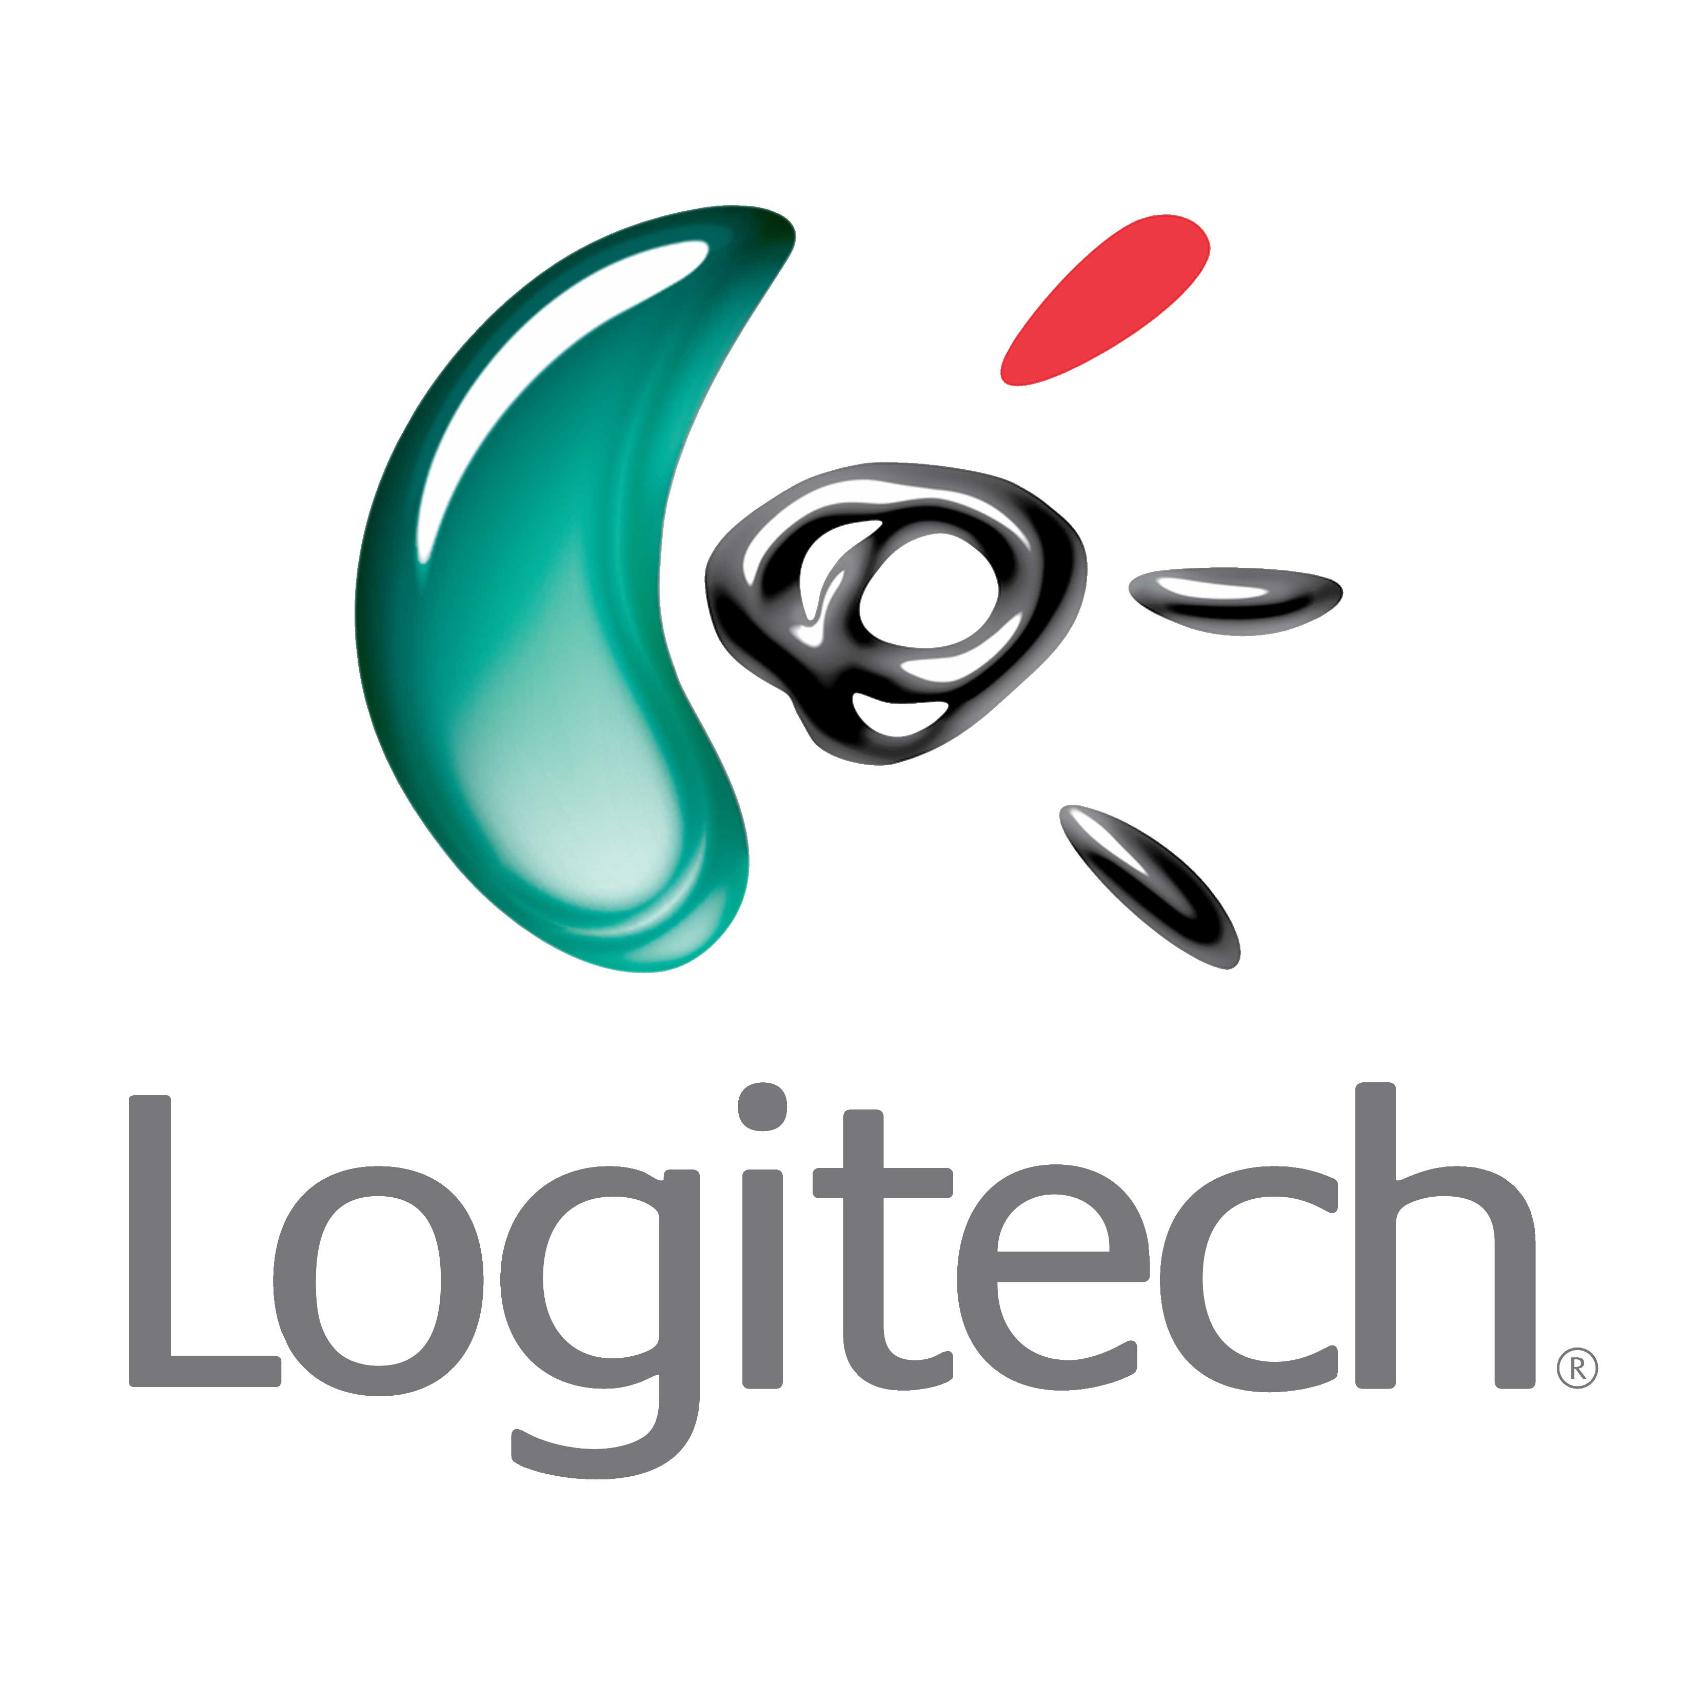 便宜到爆的Logitech/罗技无线键盘鼠标套装57折!仅19欧!会员再减1欧!一分钱办公室同款!